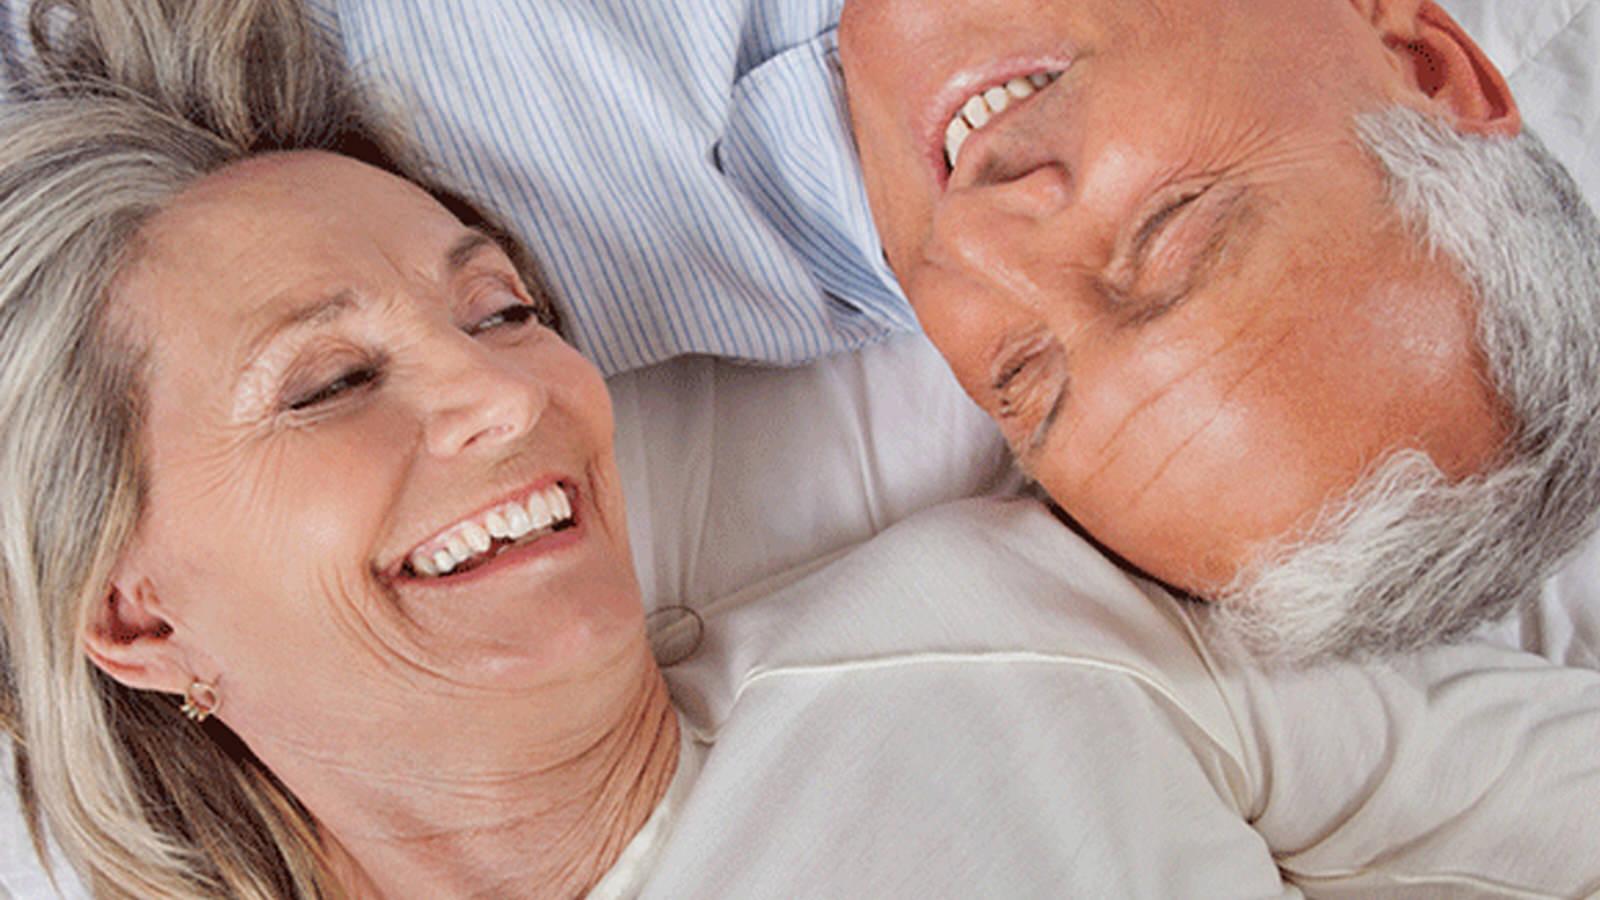 come rendere una prostata più forte reviews